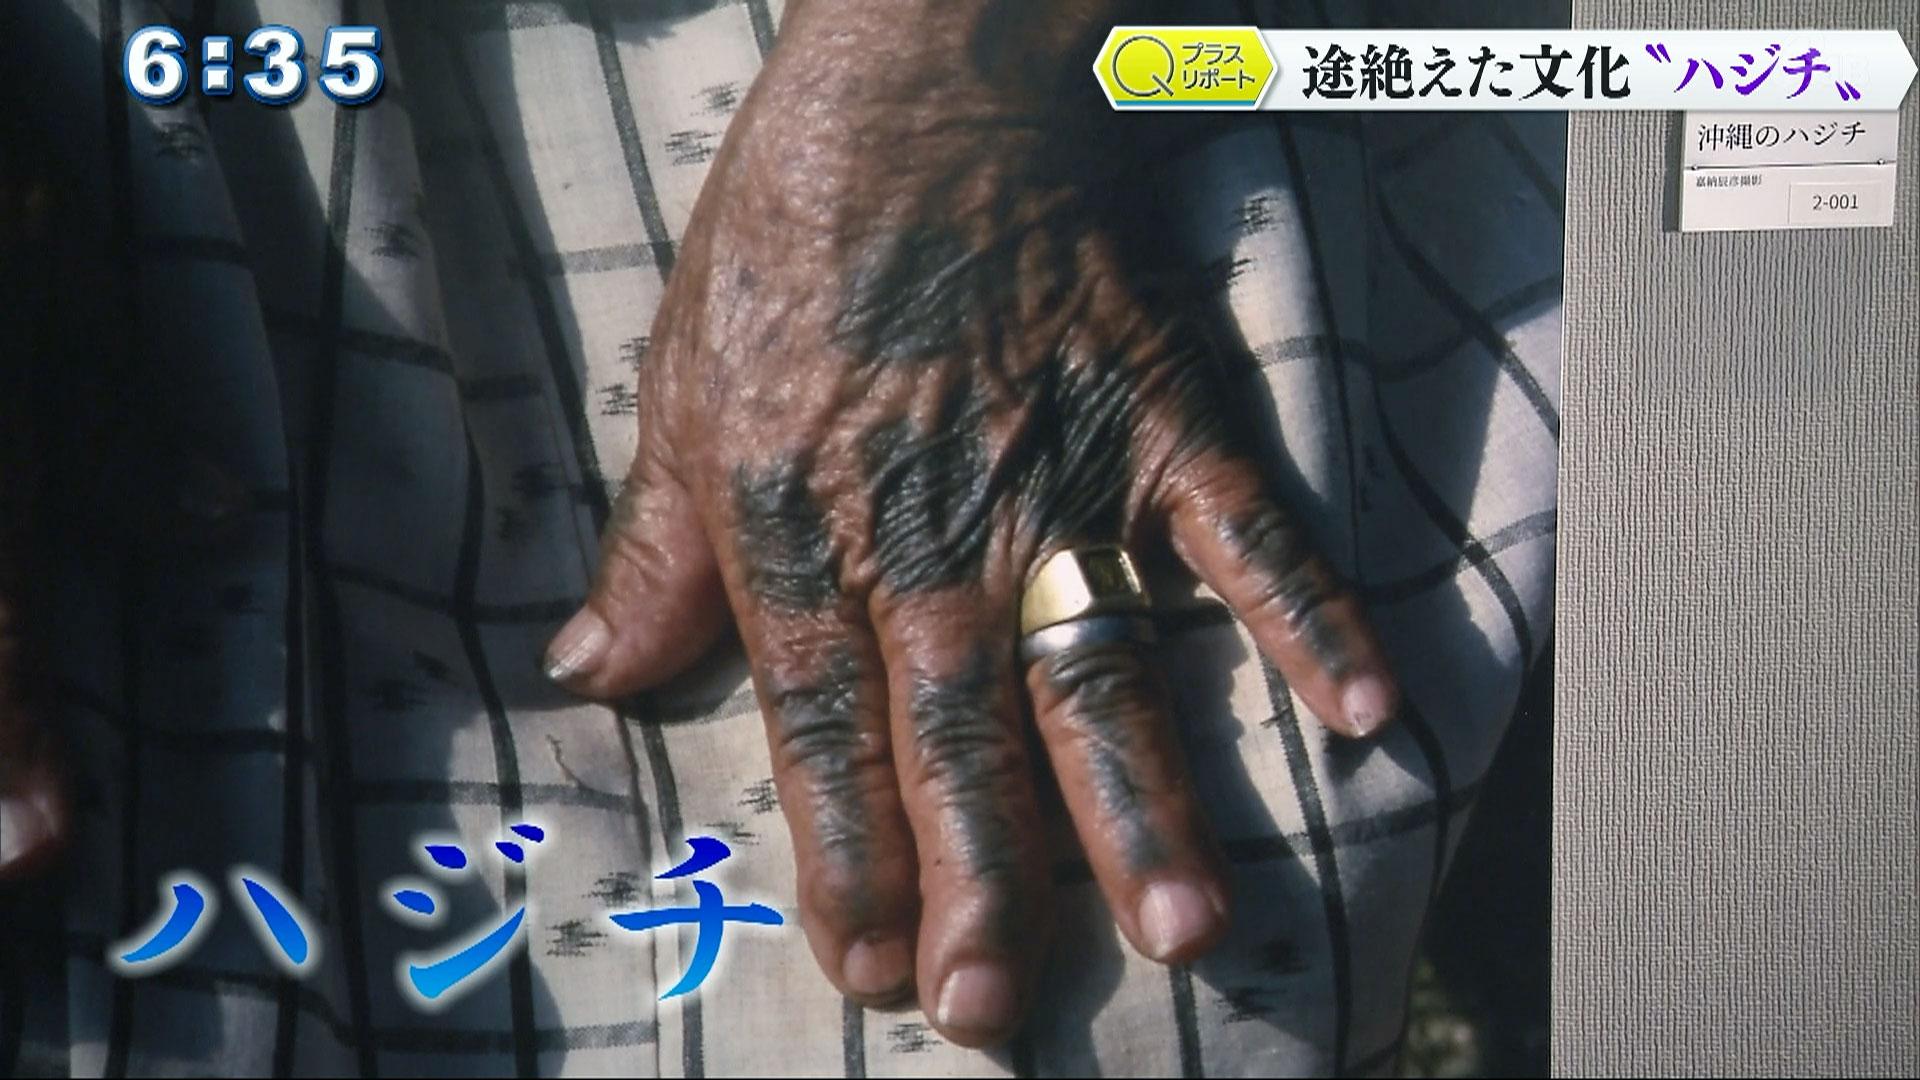 消えた沖縄の文化「ハジチ」